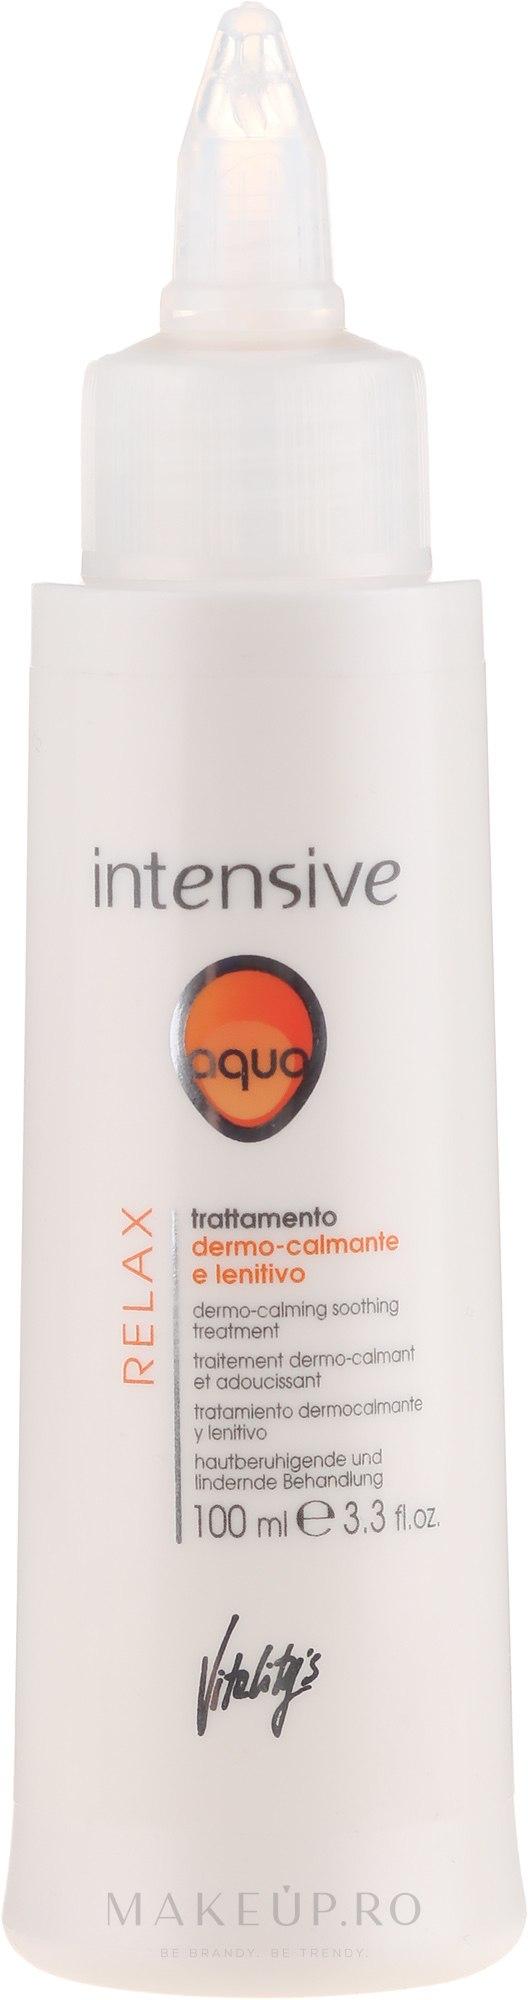 Soluție calmantă și de înlăturare a iritațiilor - Vitality's Intensive Aqua Relax Dermo-Calming — Imagine 100 ml